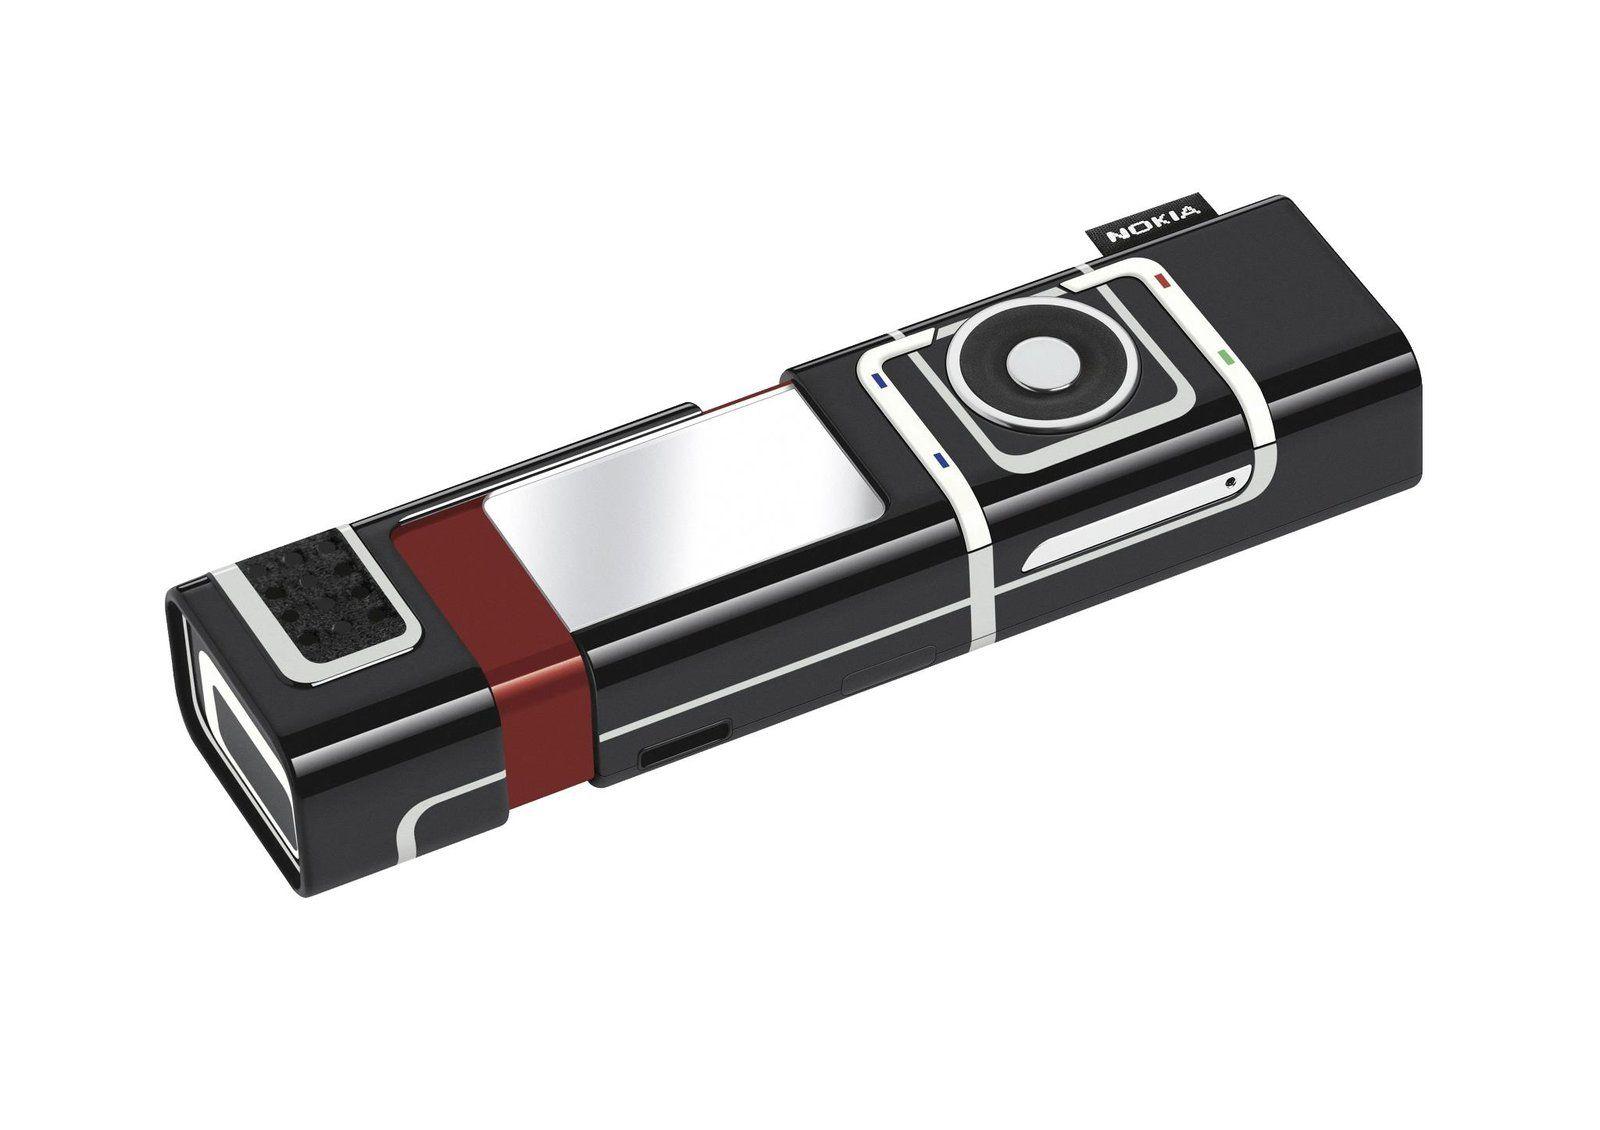 Art Deco-modellen Nokia 7280 var muligens stilig, men sloss samtidig om tittelen tidenes mest ubrukelige brukergrensesnitt.